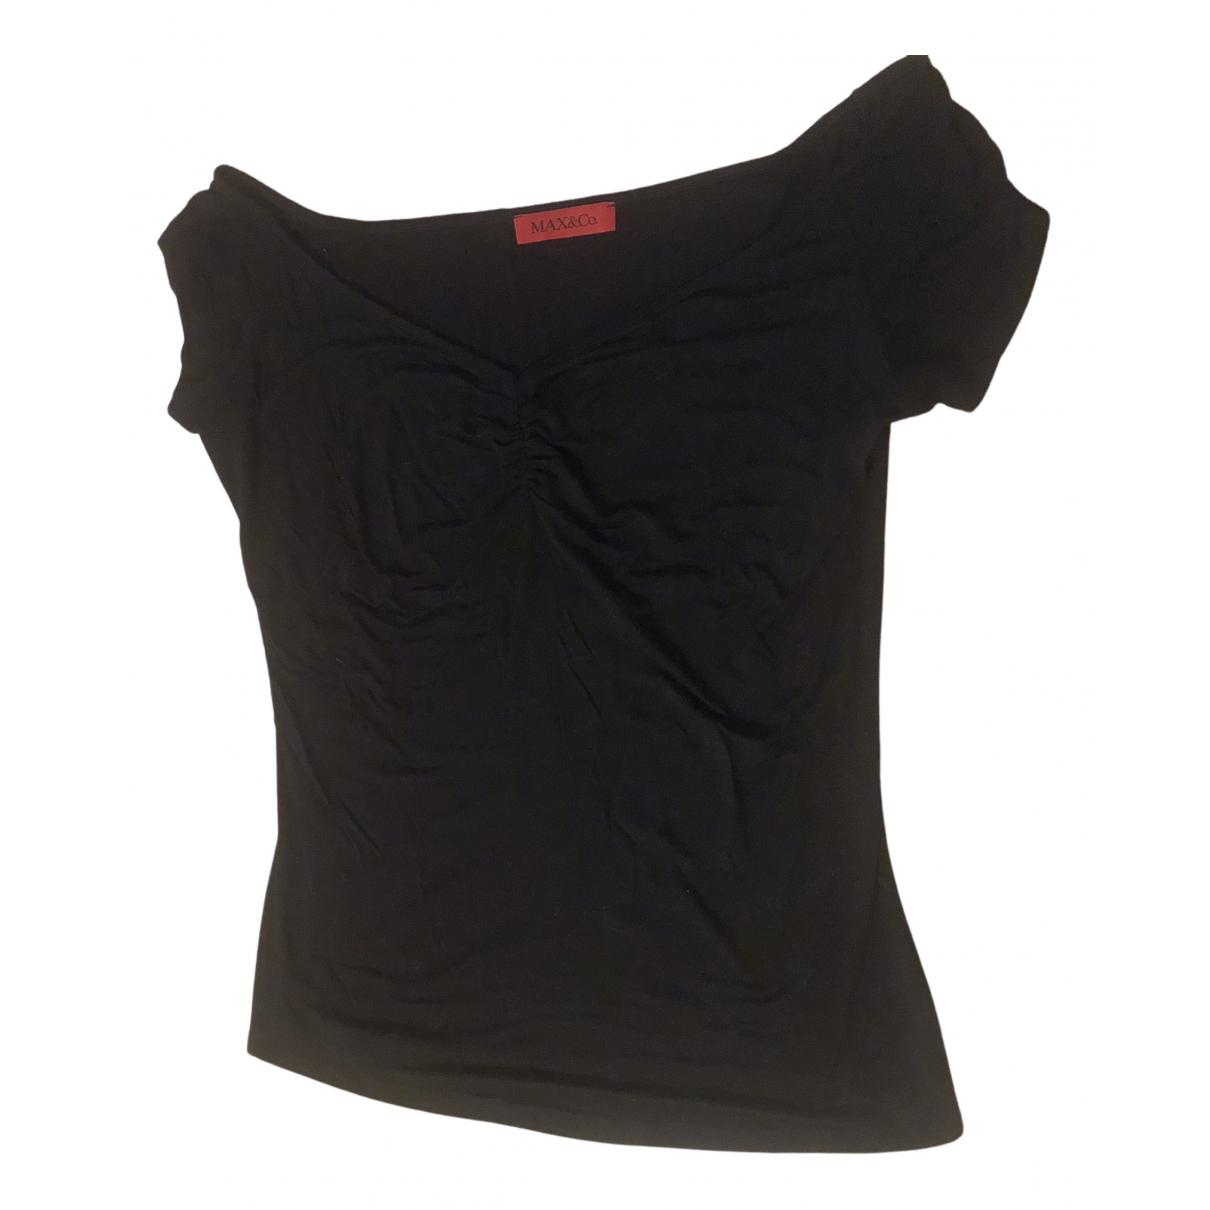 Max & Co - Top   pour femme en coton - noir